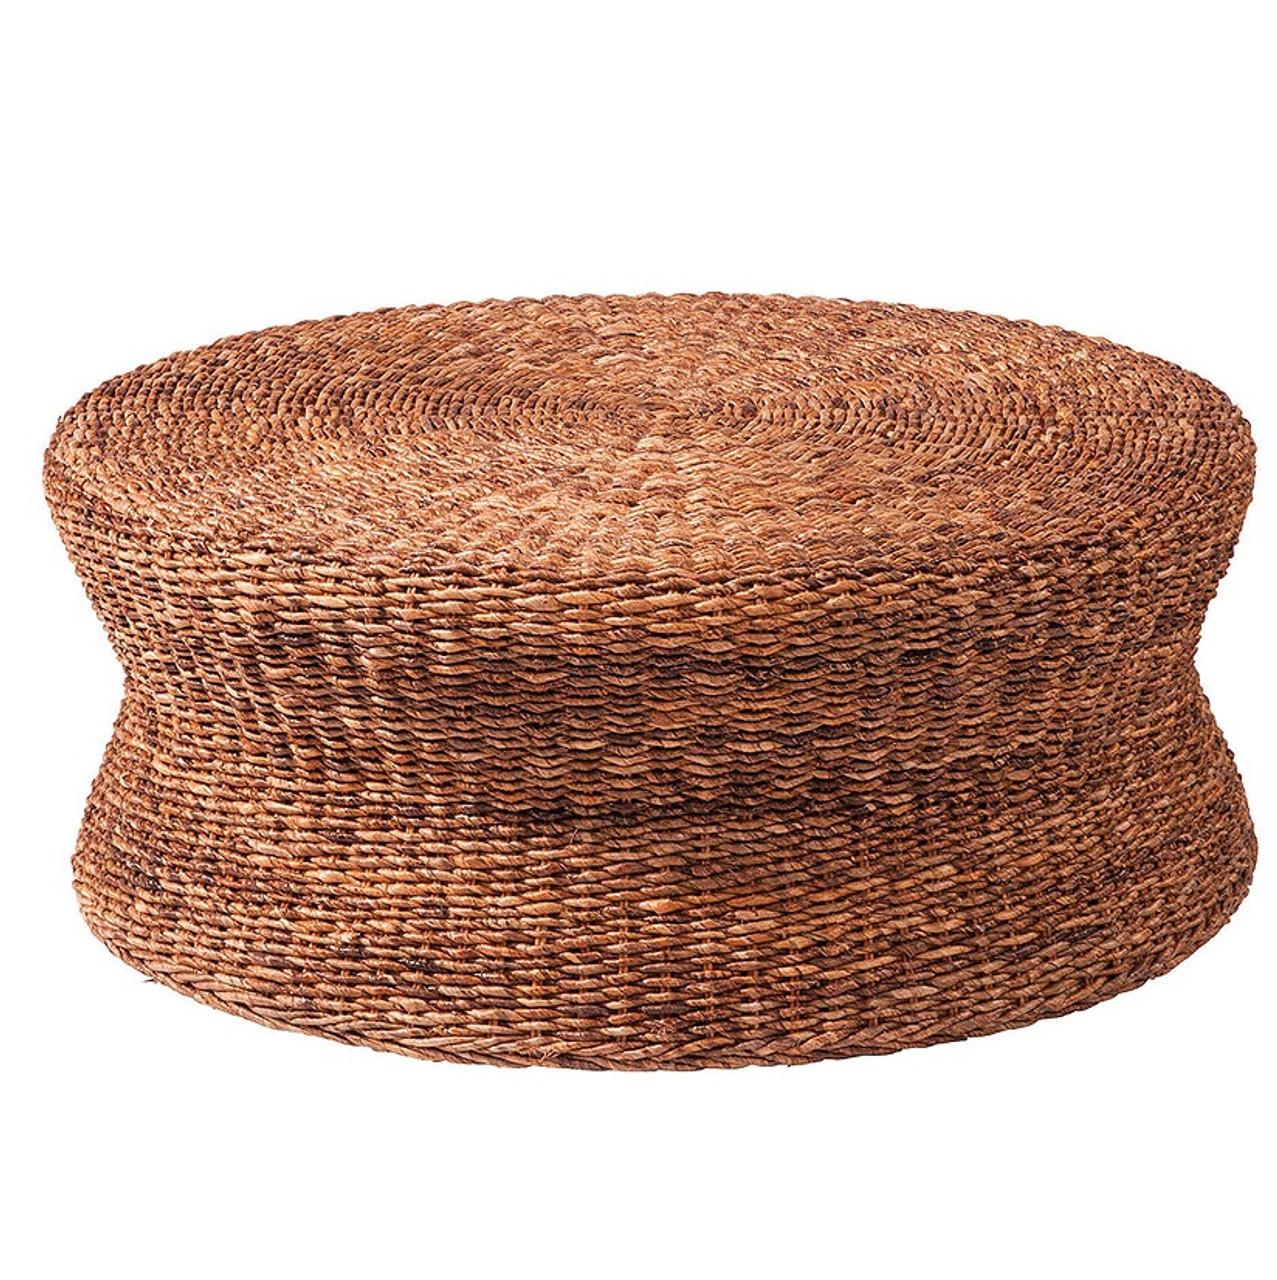 Lanai Round Coffee Table 38 Lanai Woven Round Coffee Table